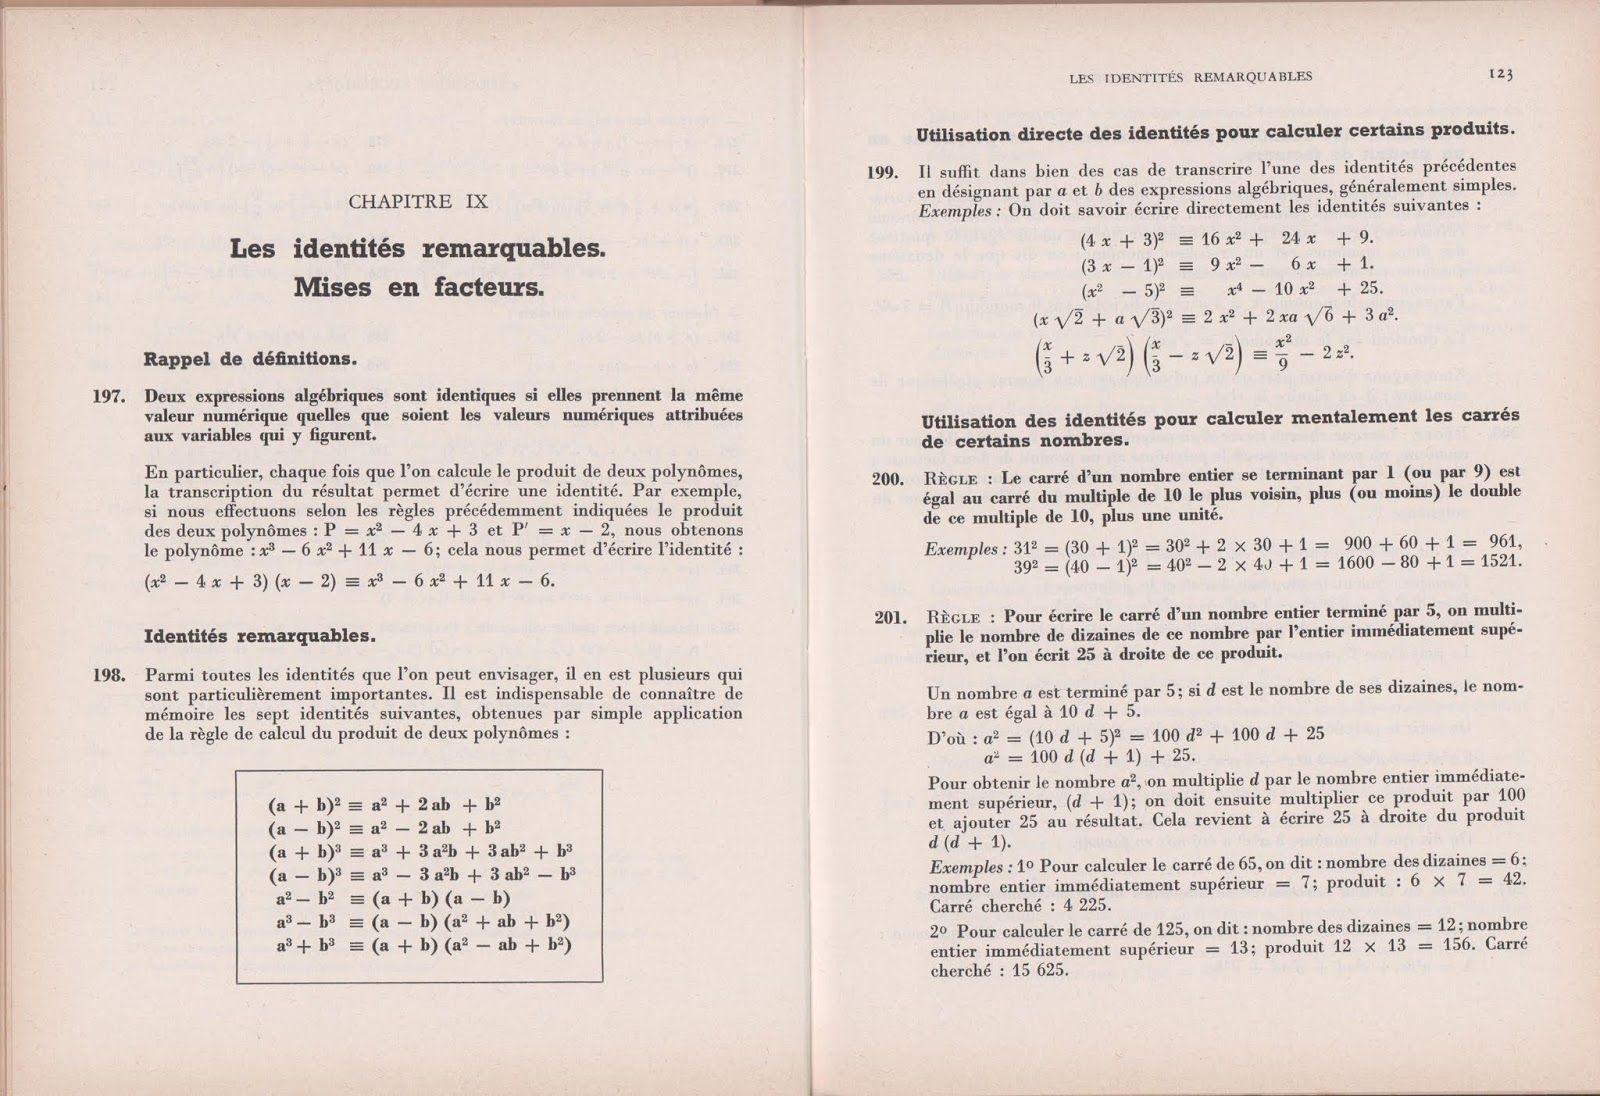 Monge Algebre Seconde A C M M Programme De 1960 Grandes Images Algebre Mathematiques College Identites Remarquables